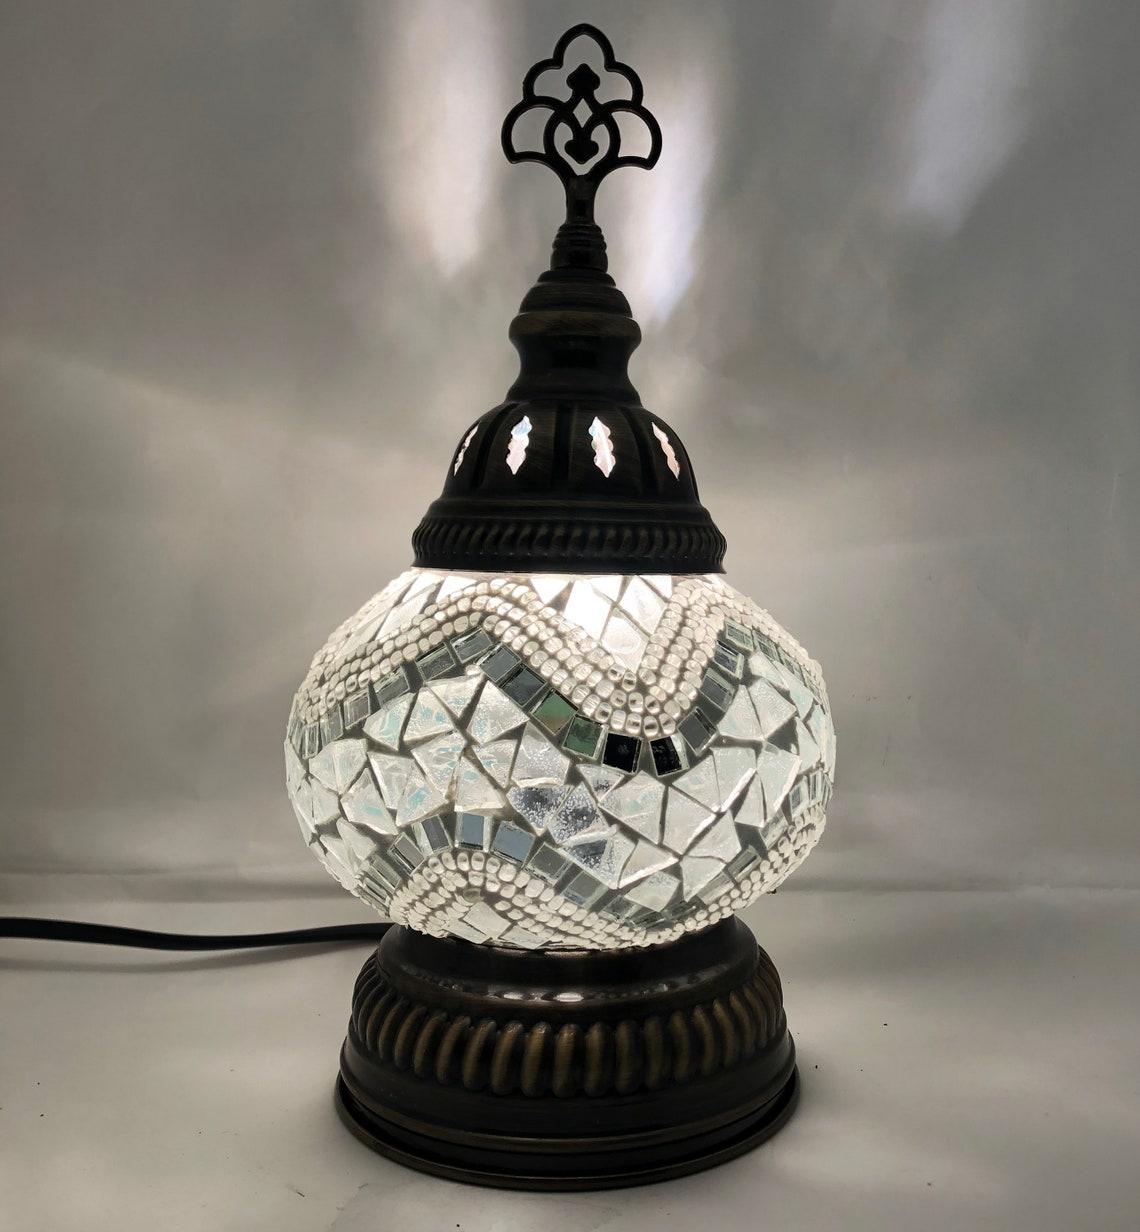 Turkish Handmade Mosaic Lamps - Eclairage